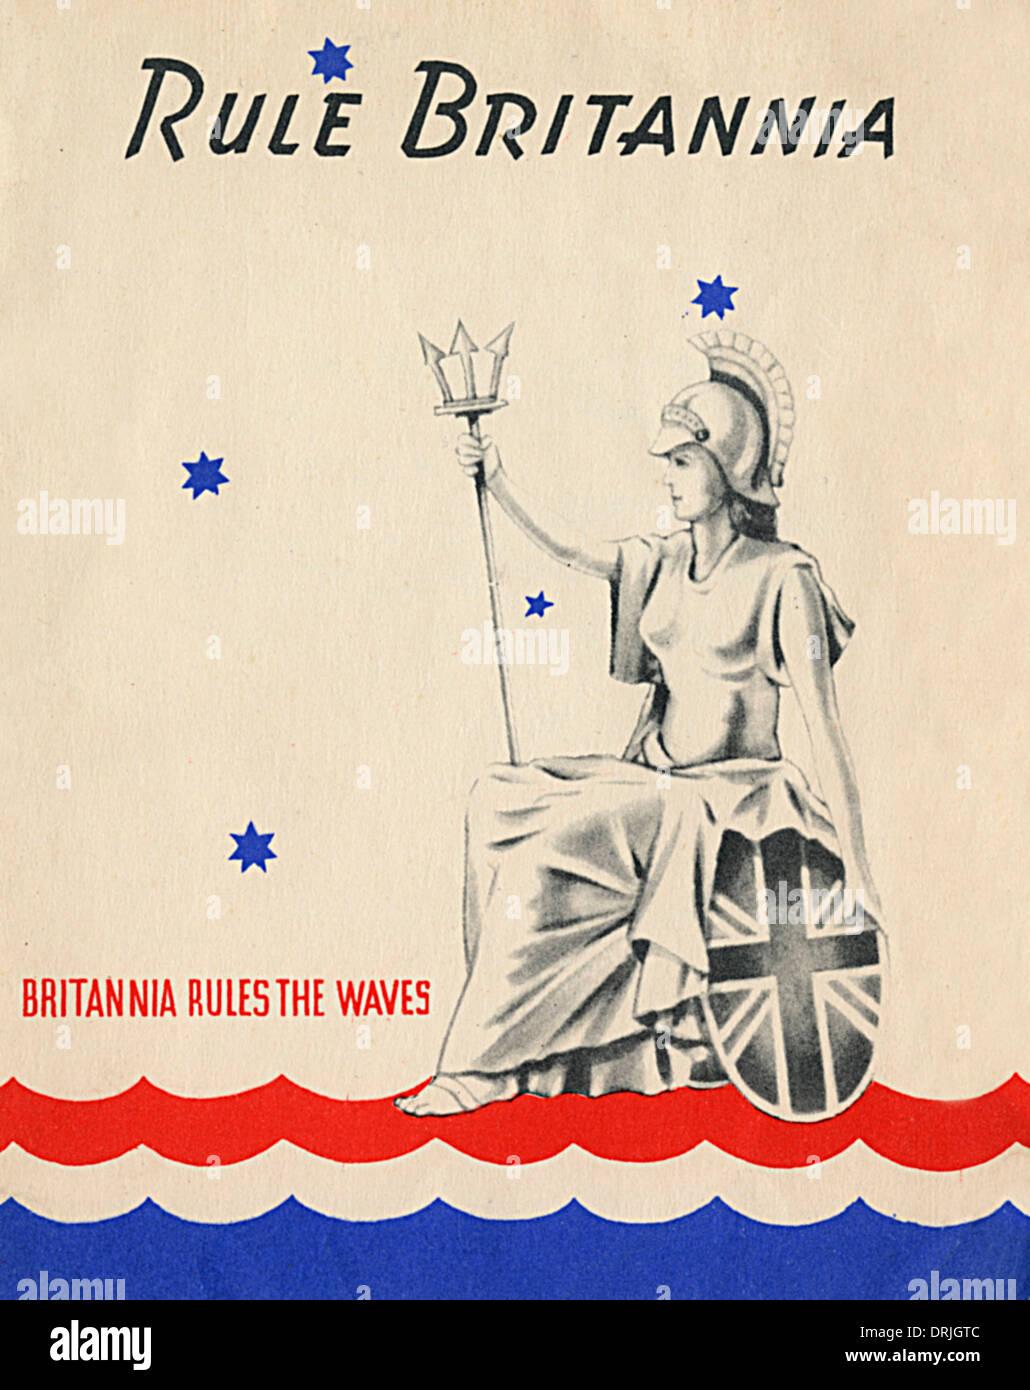 Regola Britannia - Britannia regole onde Immagini Stock